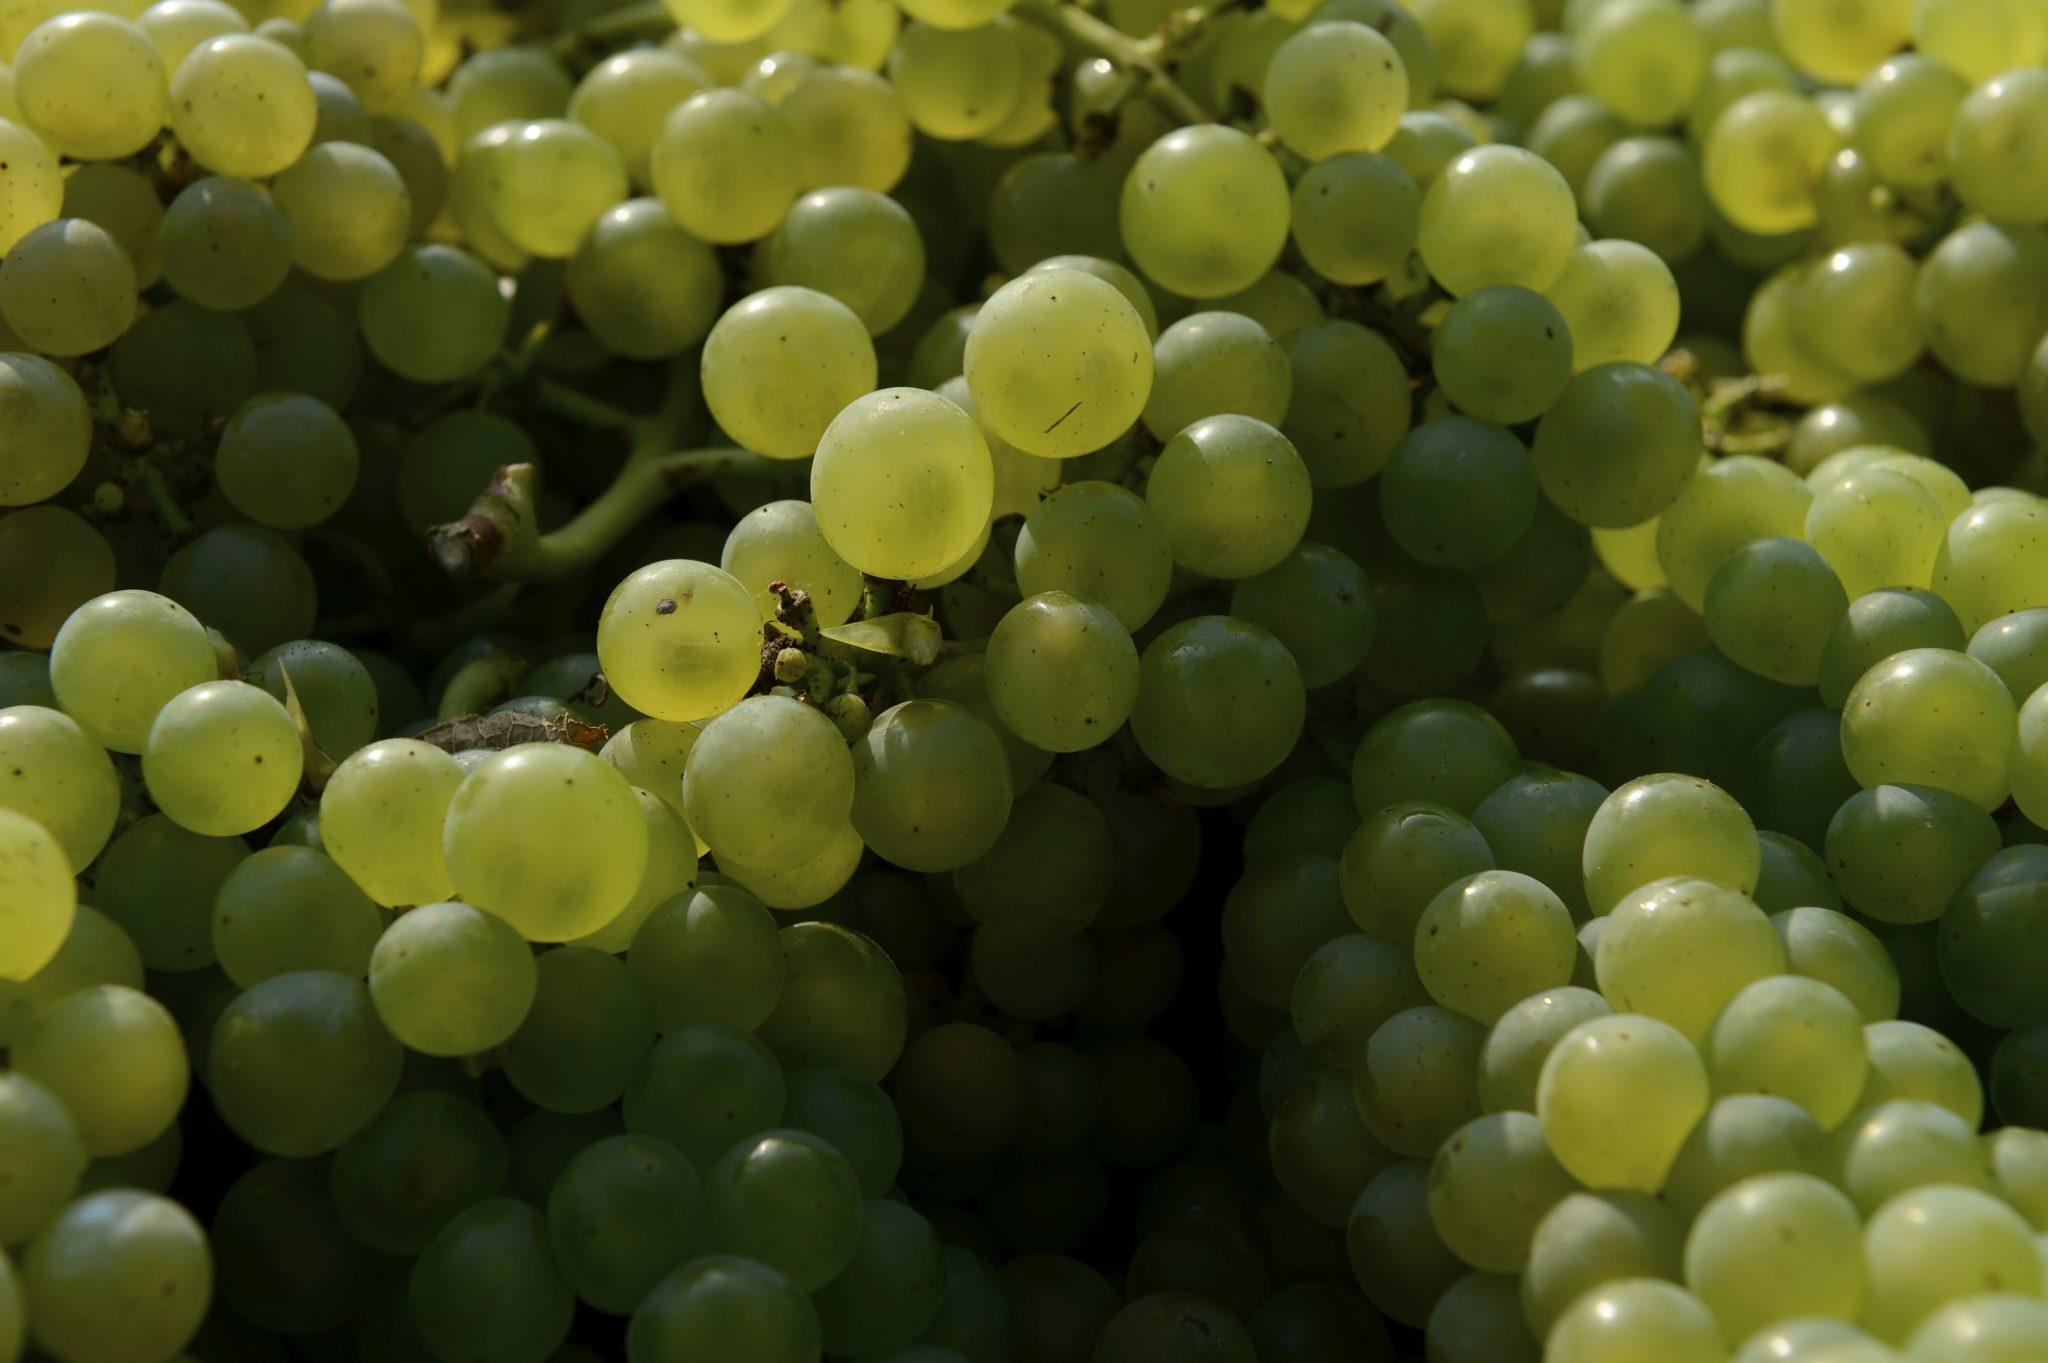 Le rendement marché pour les prochaines vendanges en Champagne en pleine discussion.